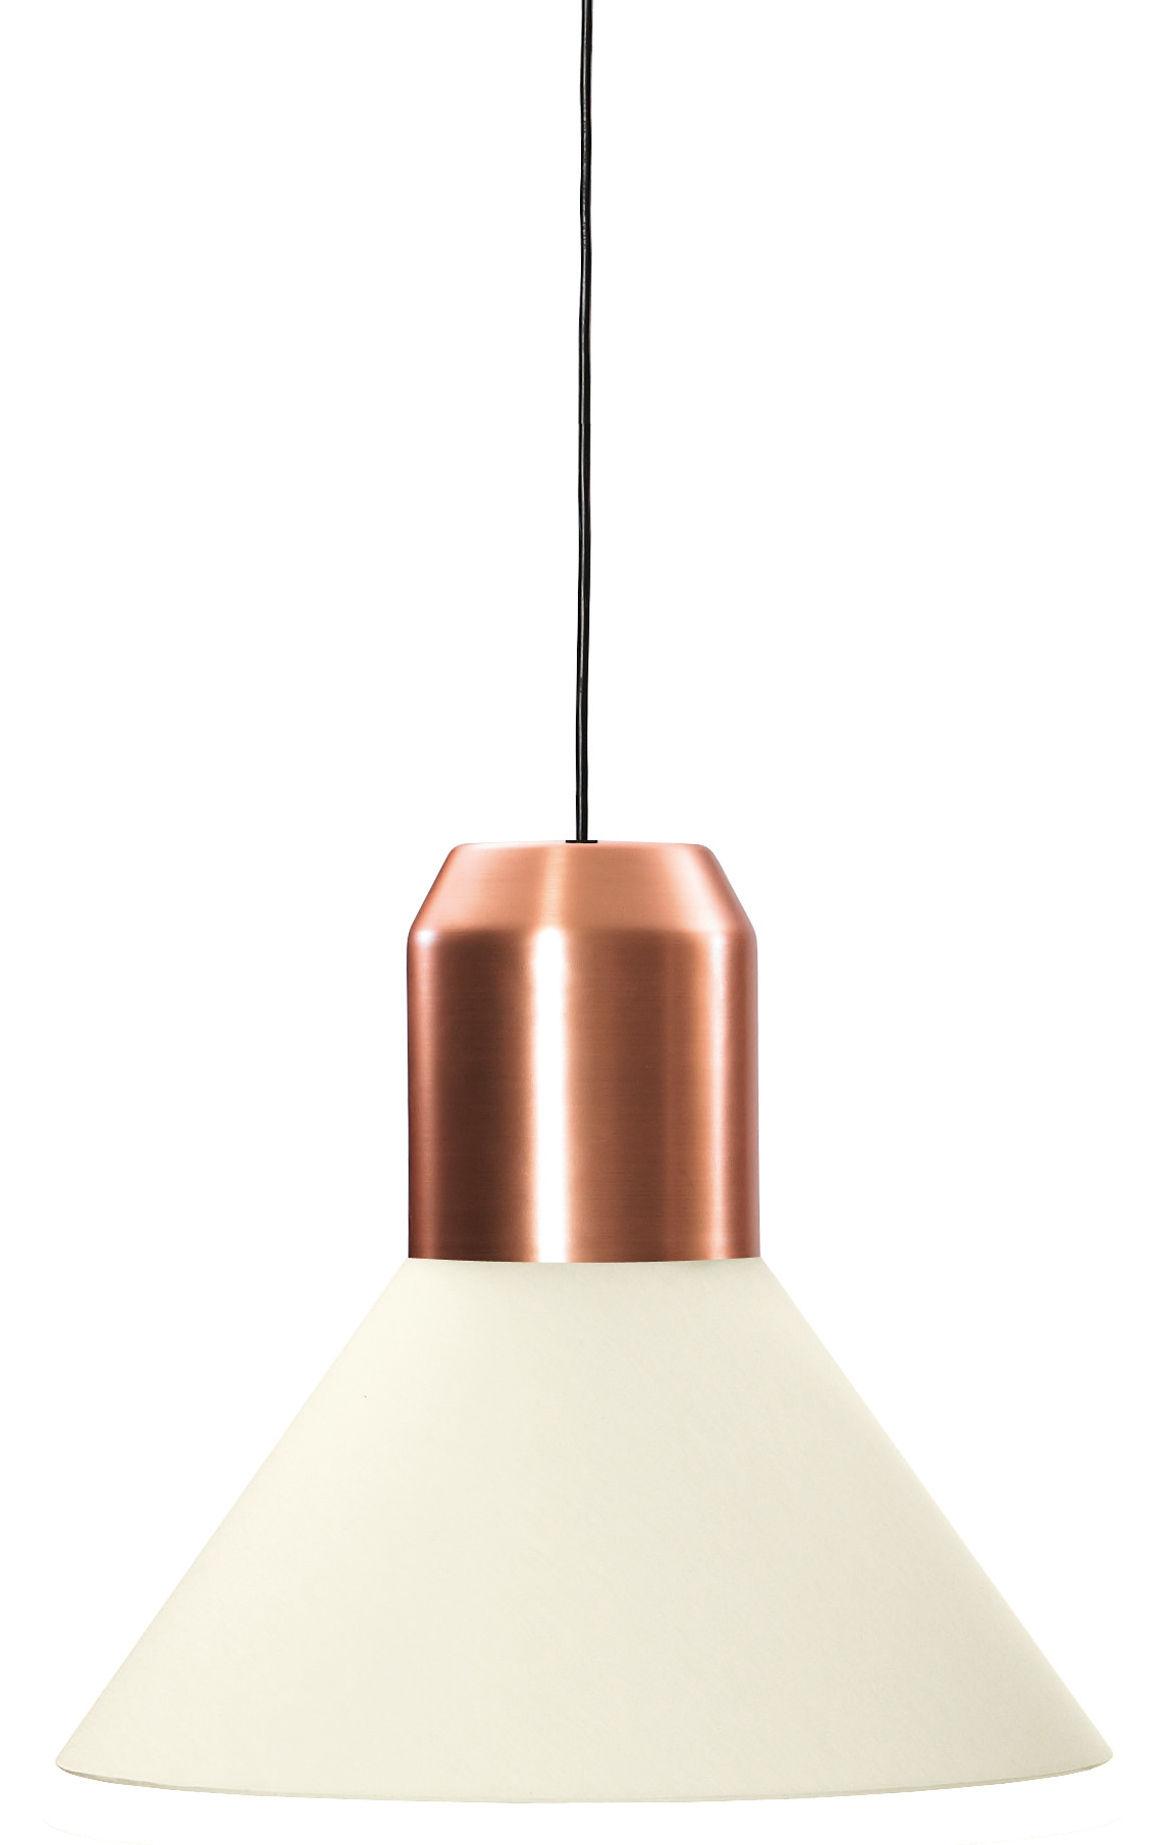 Luminaire - Suspensions - Suspension Bell Light / Ø 45 x H 40 cm - ClassiCon - Blanc & cuivre - Cuivre, Tissu